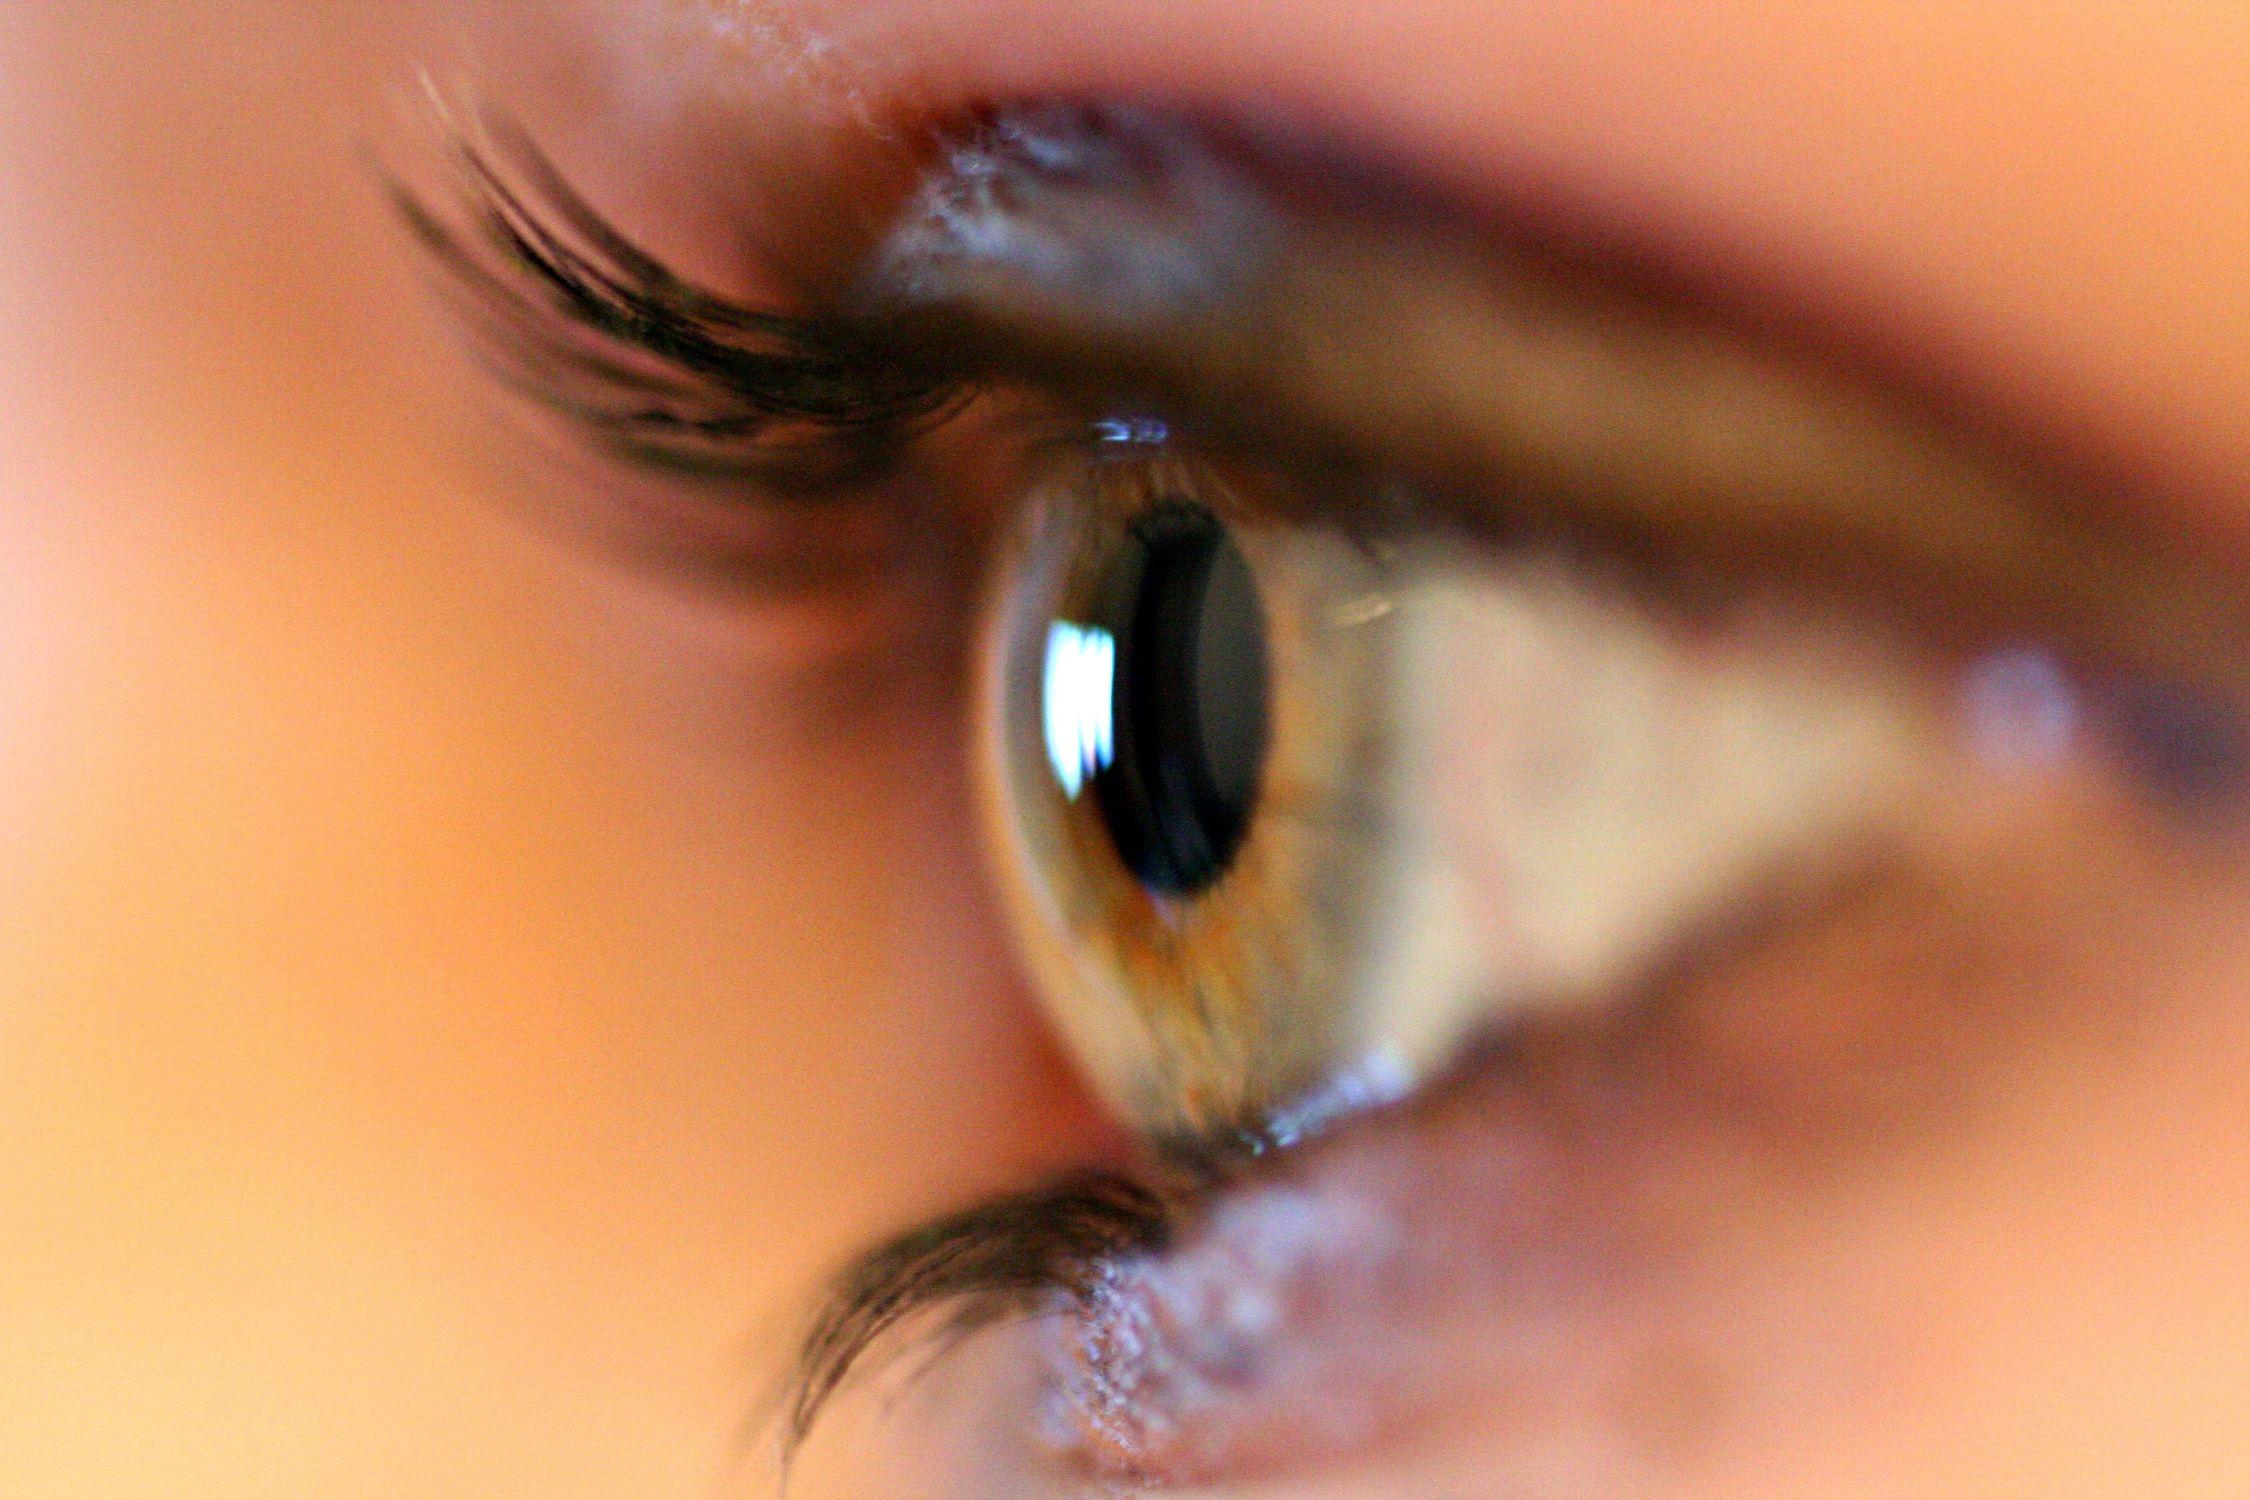 Bild mit Menschen, Körperteile, Augen, Gesichter, Wimpern, Auge, Eye, Eyes, Iris